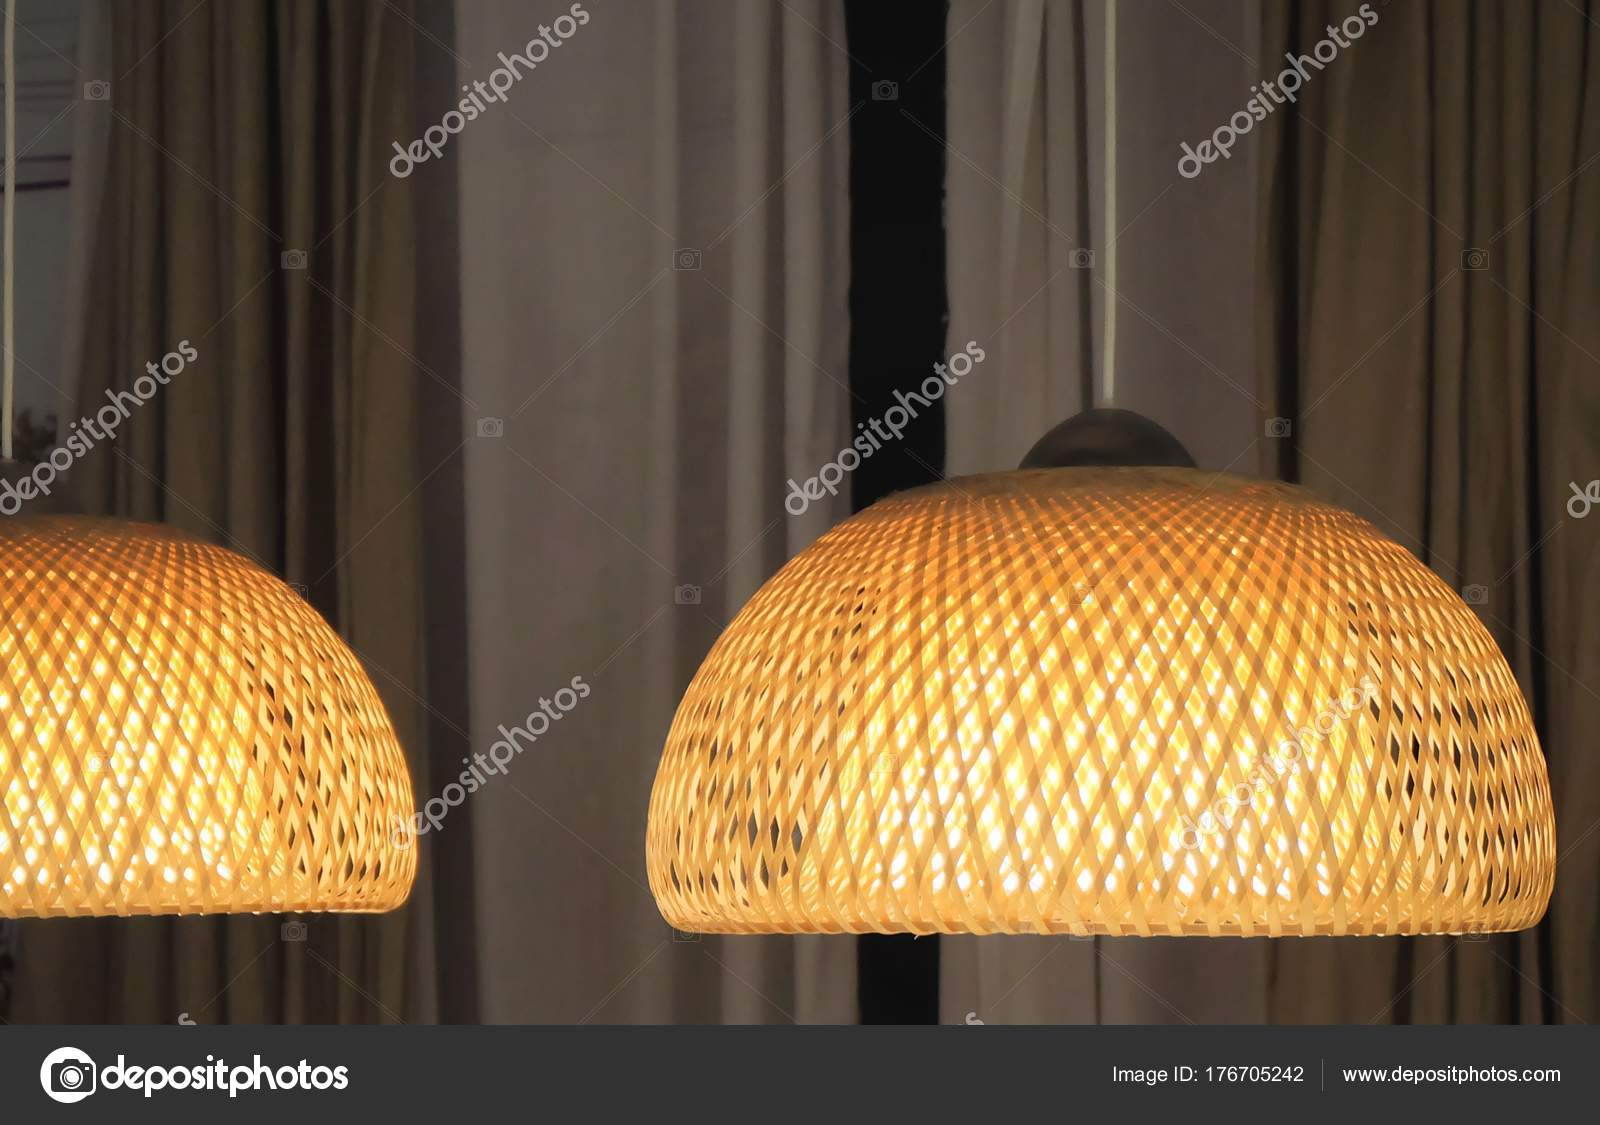 Luxe plafond bamboe lampen in de eetkamer — Stockfoto © Arayabandit ...